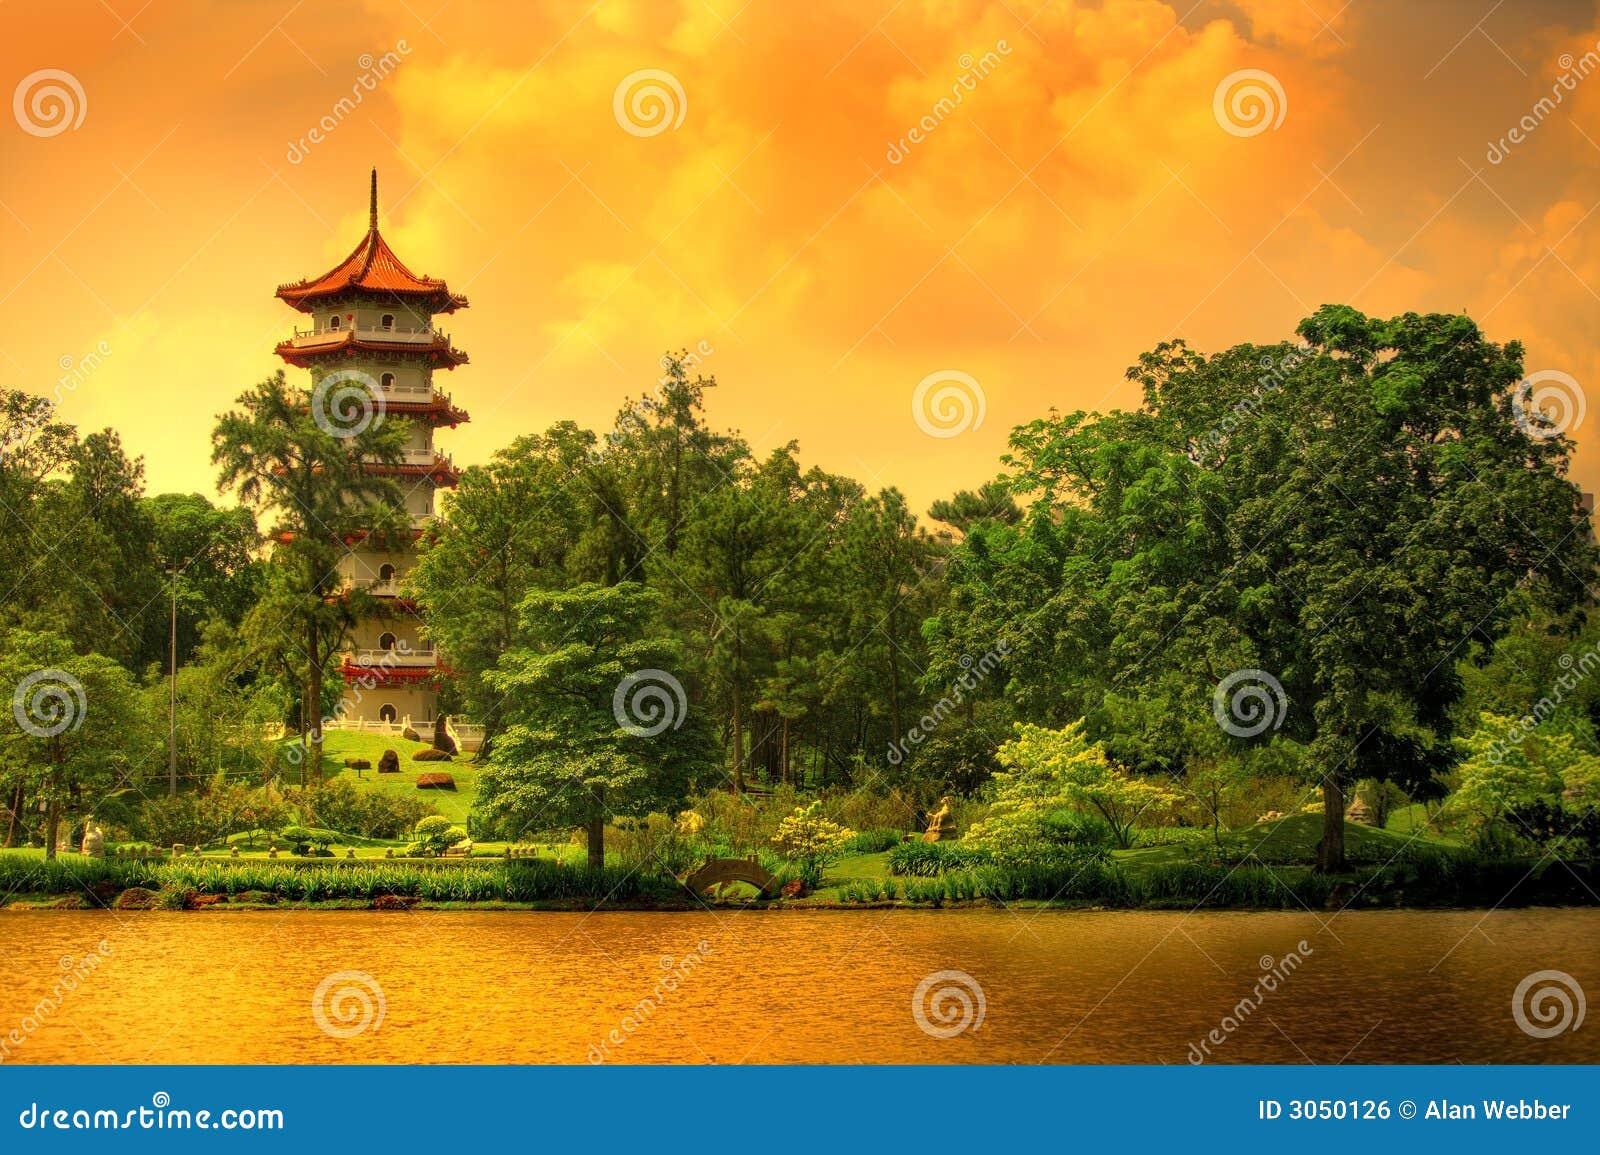 Pagoda singapore